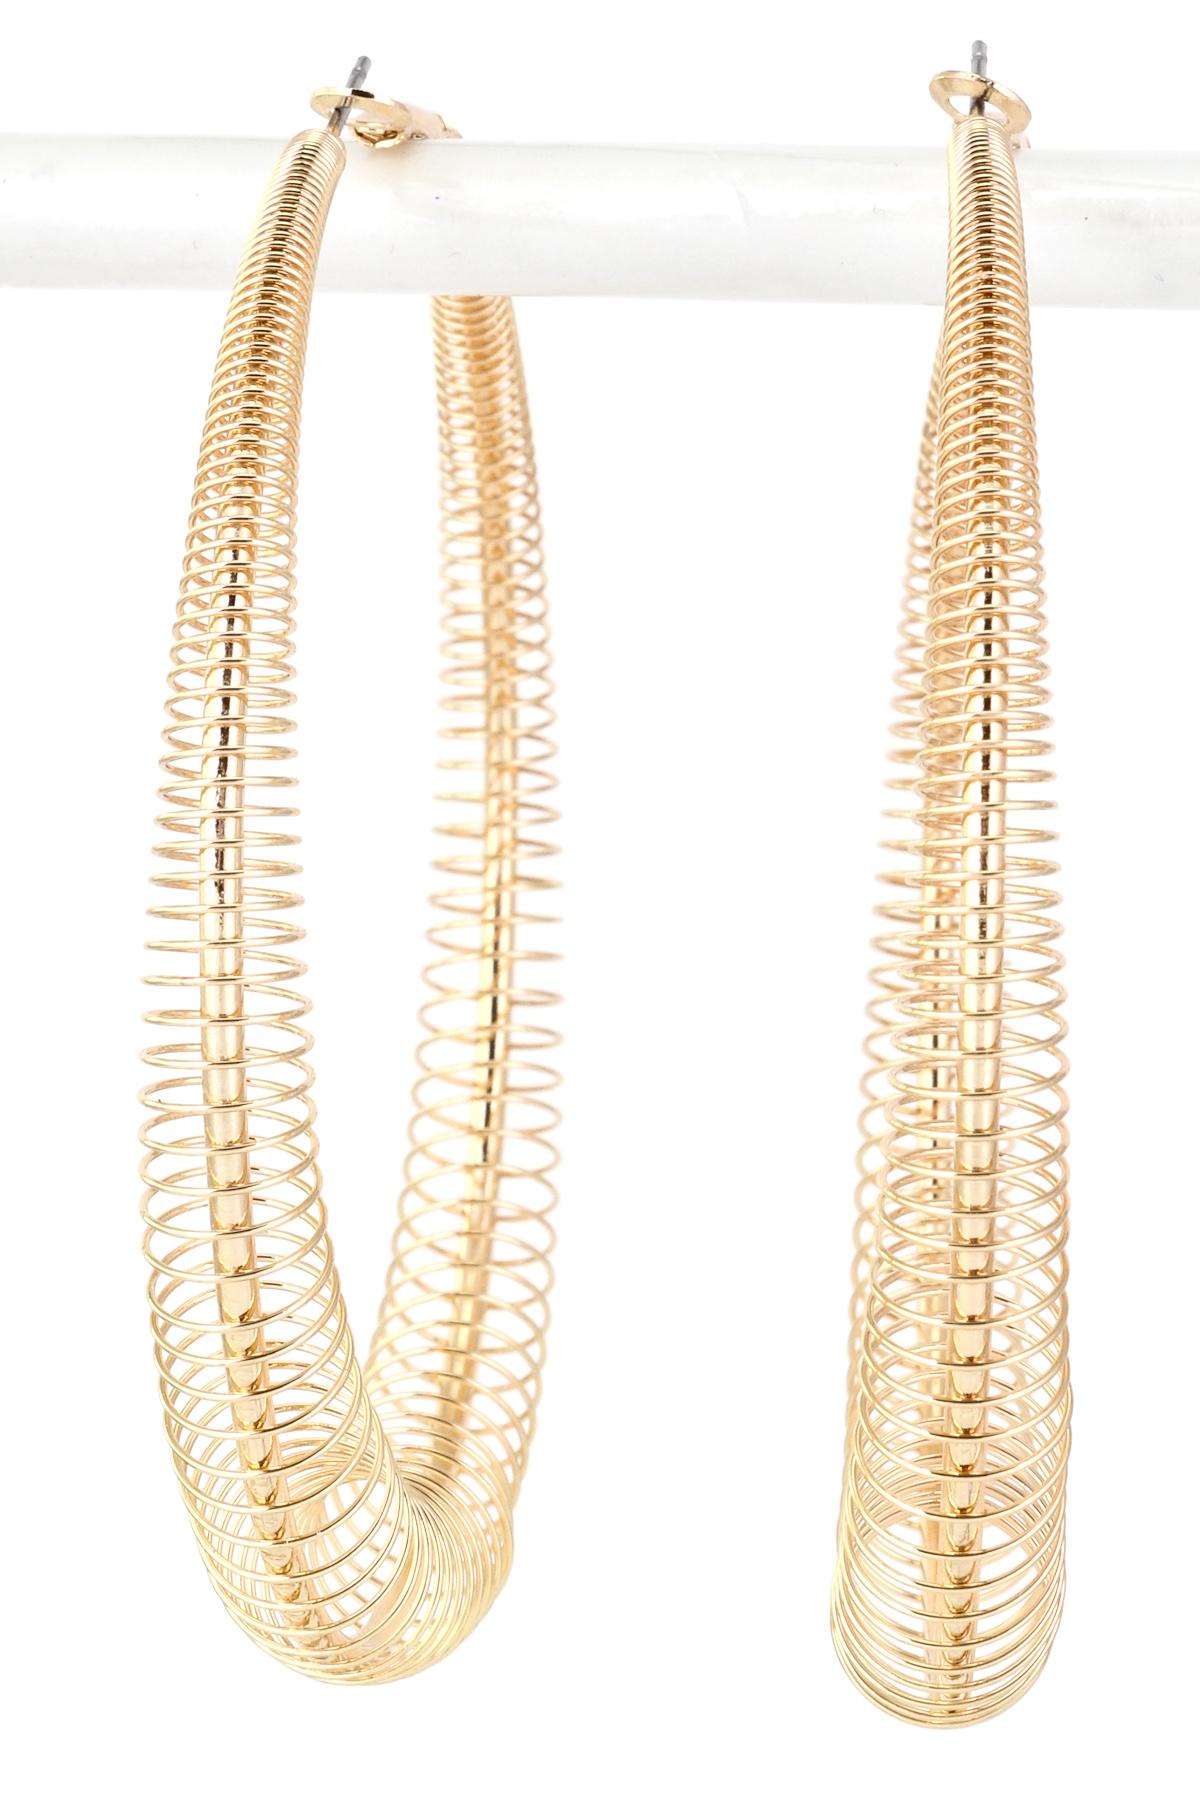 2 5 Spring Hoop Earring